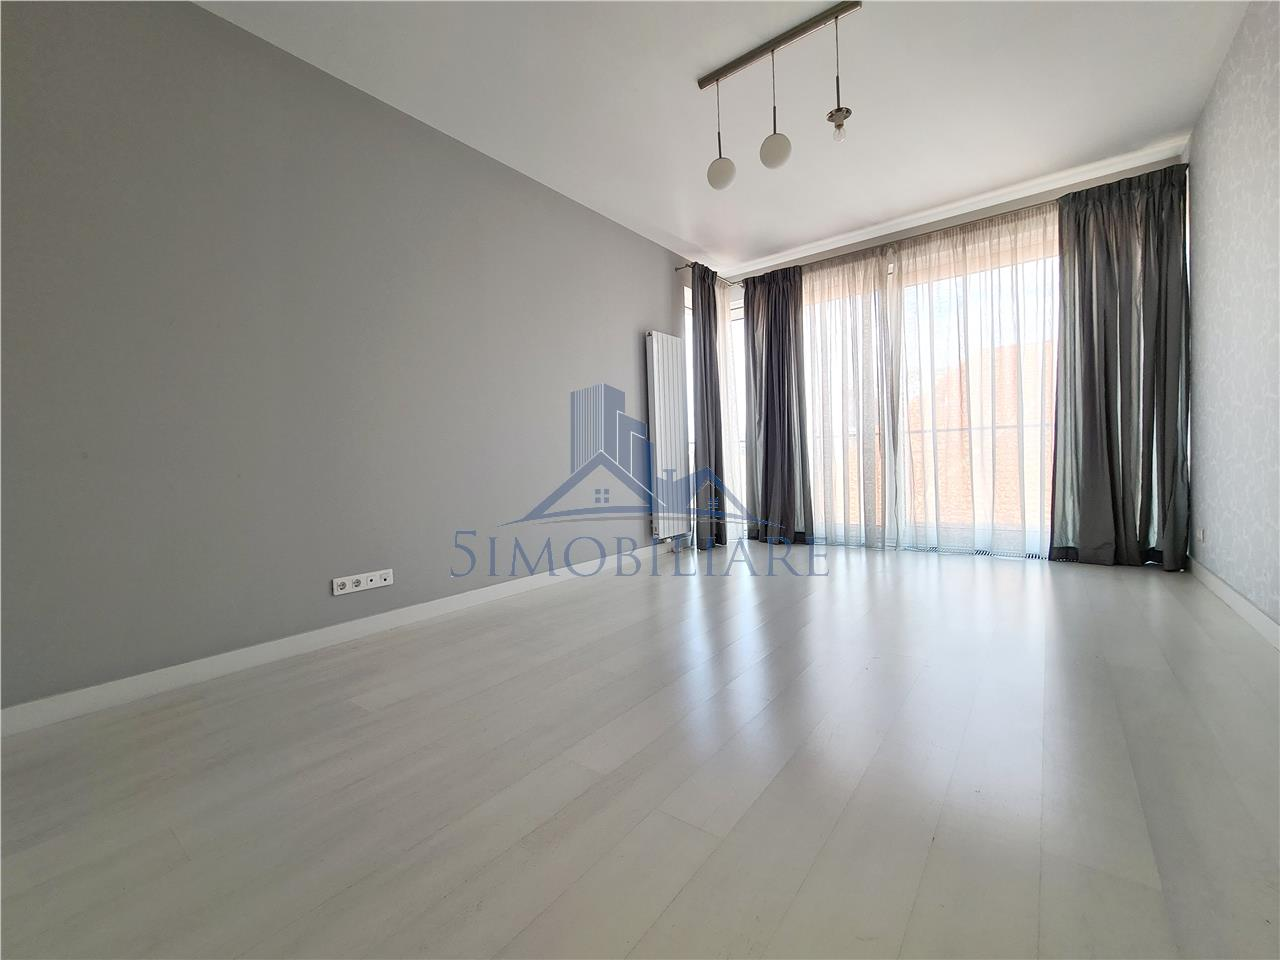 Premium location / Apartment for rent 177 sqm